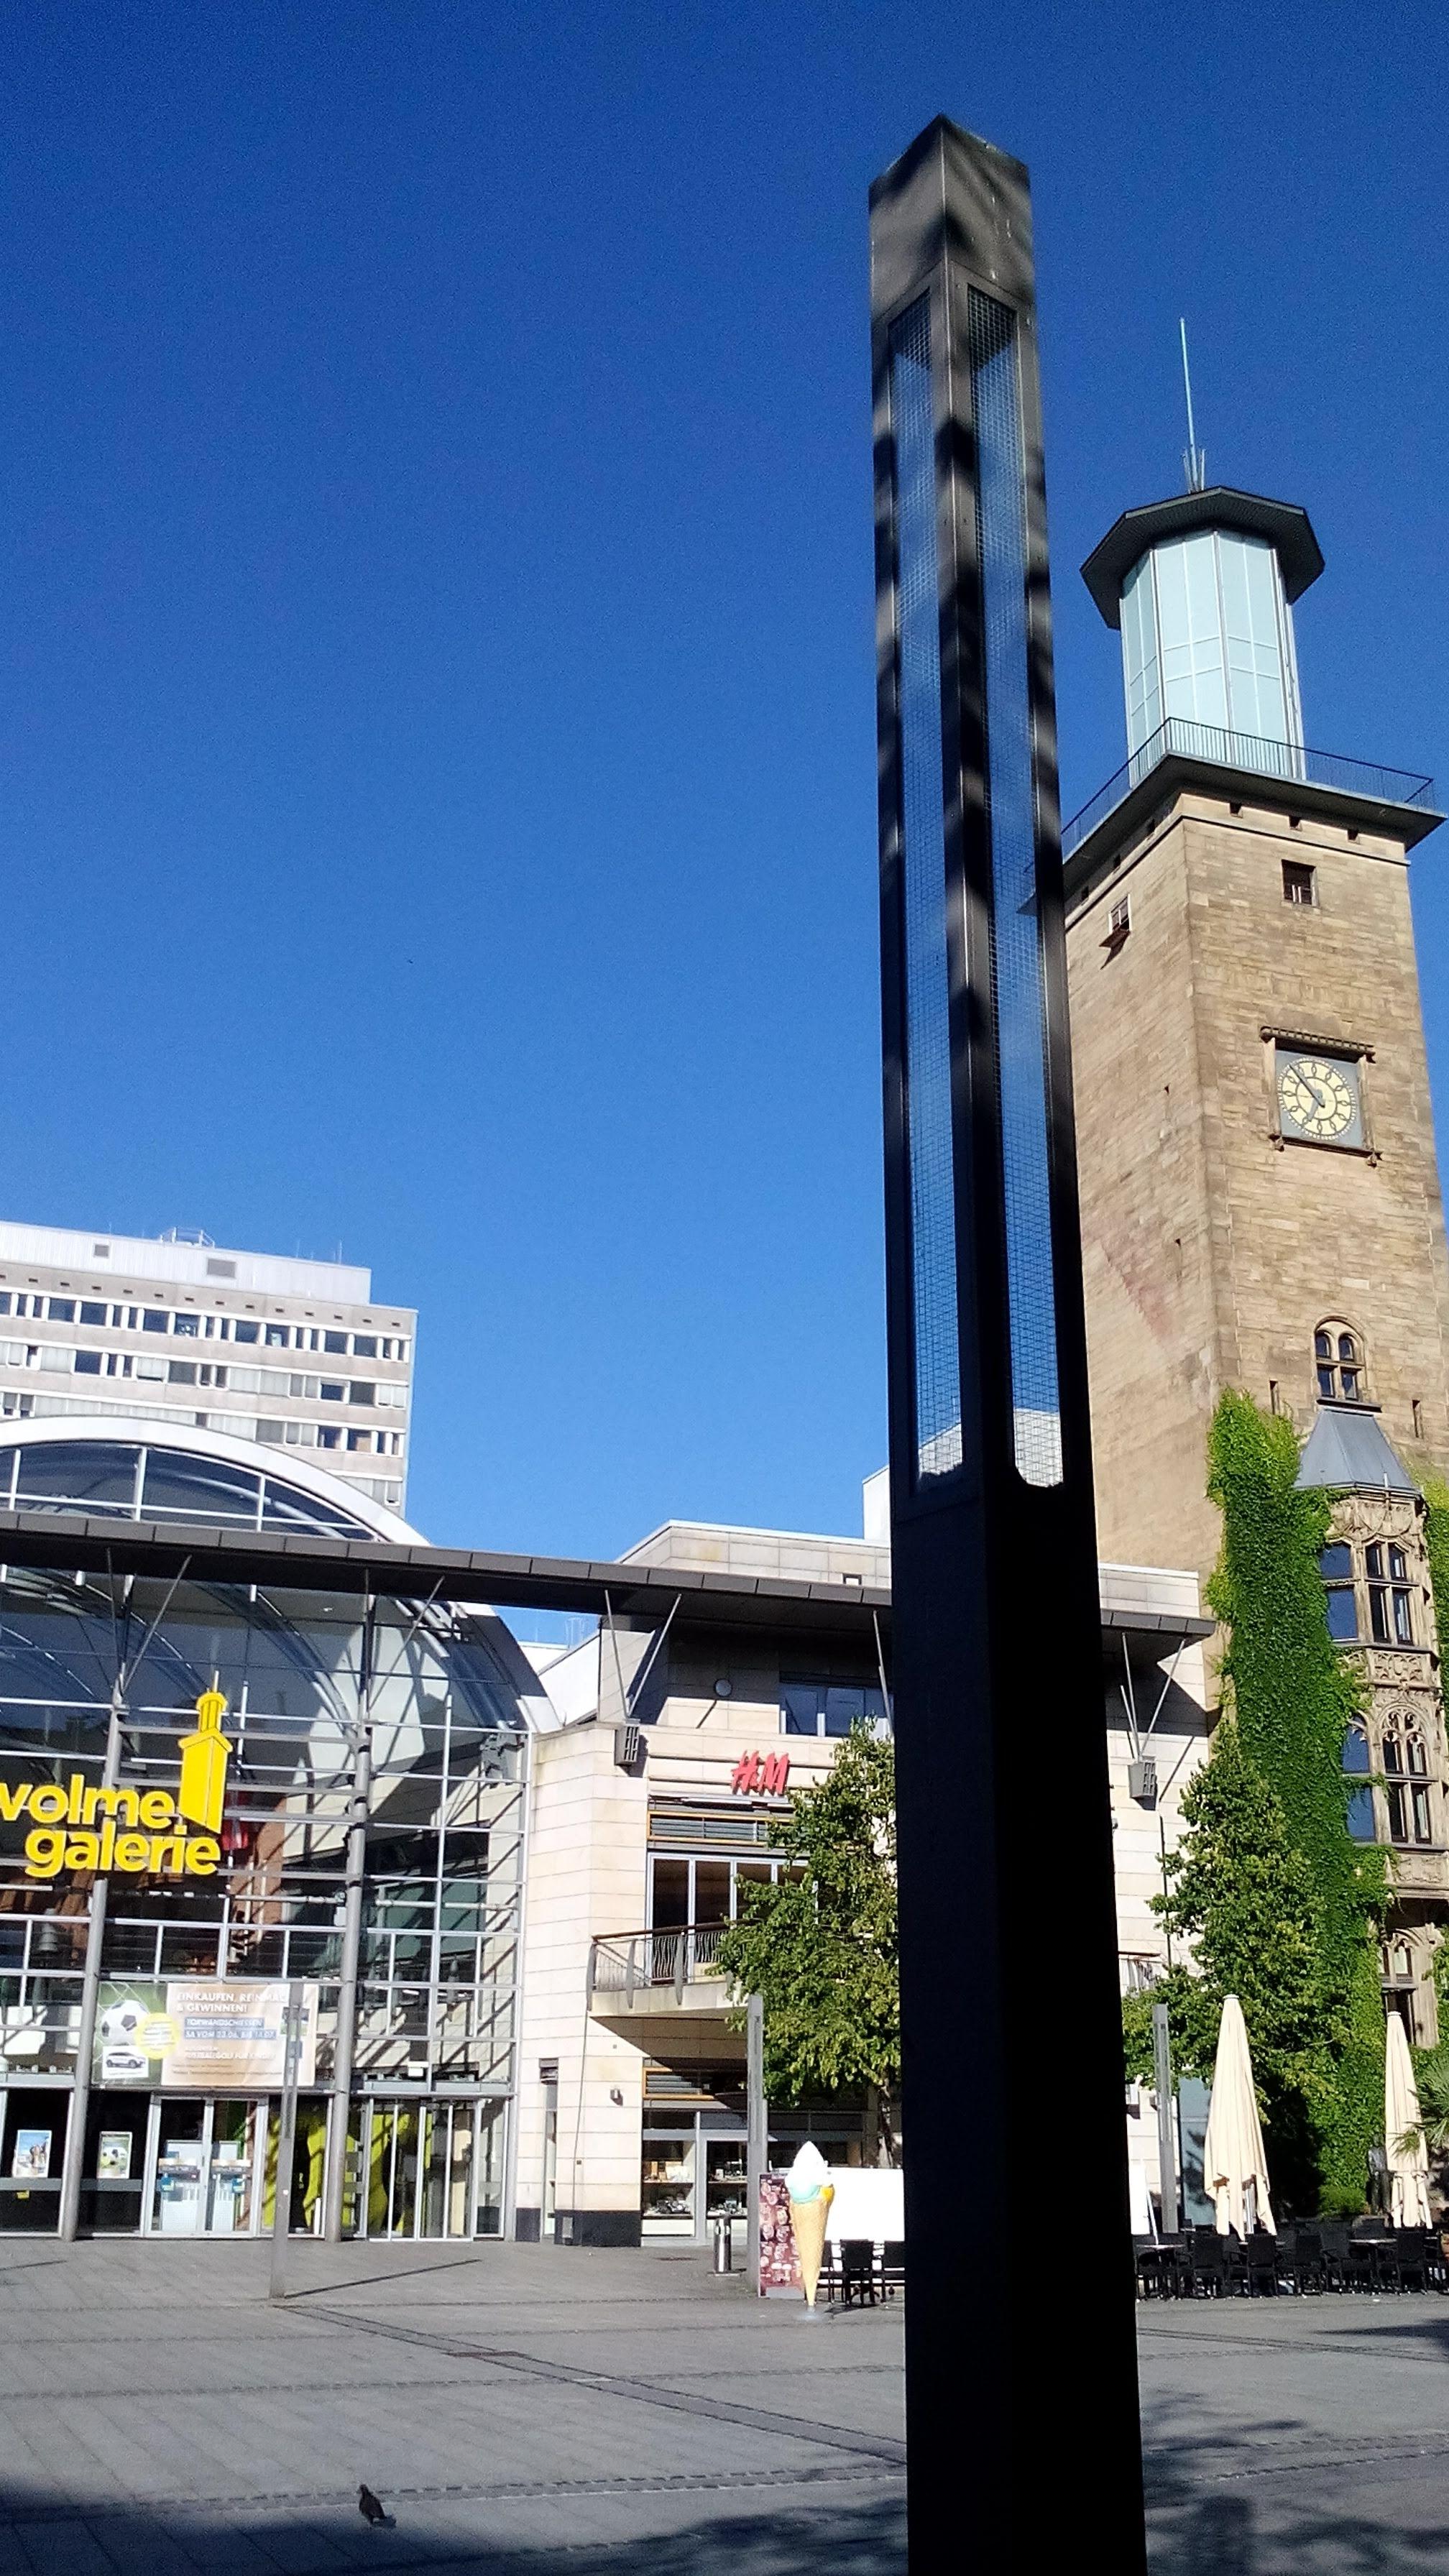 Spaziergang zum Wirtschaftswunder und Wiederaufbau in Hagen